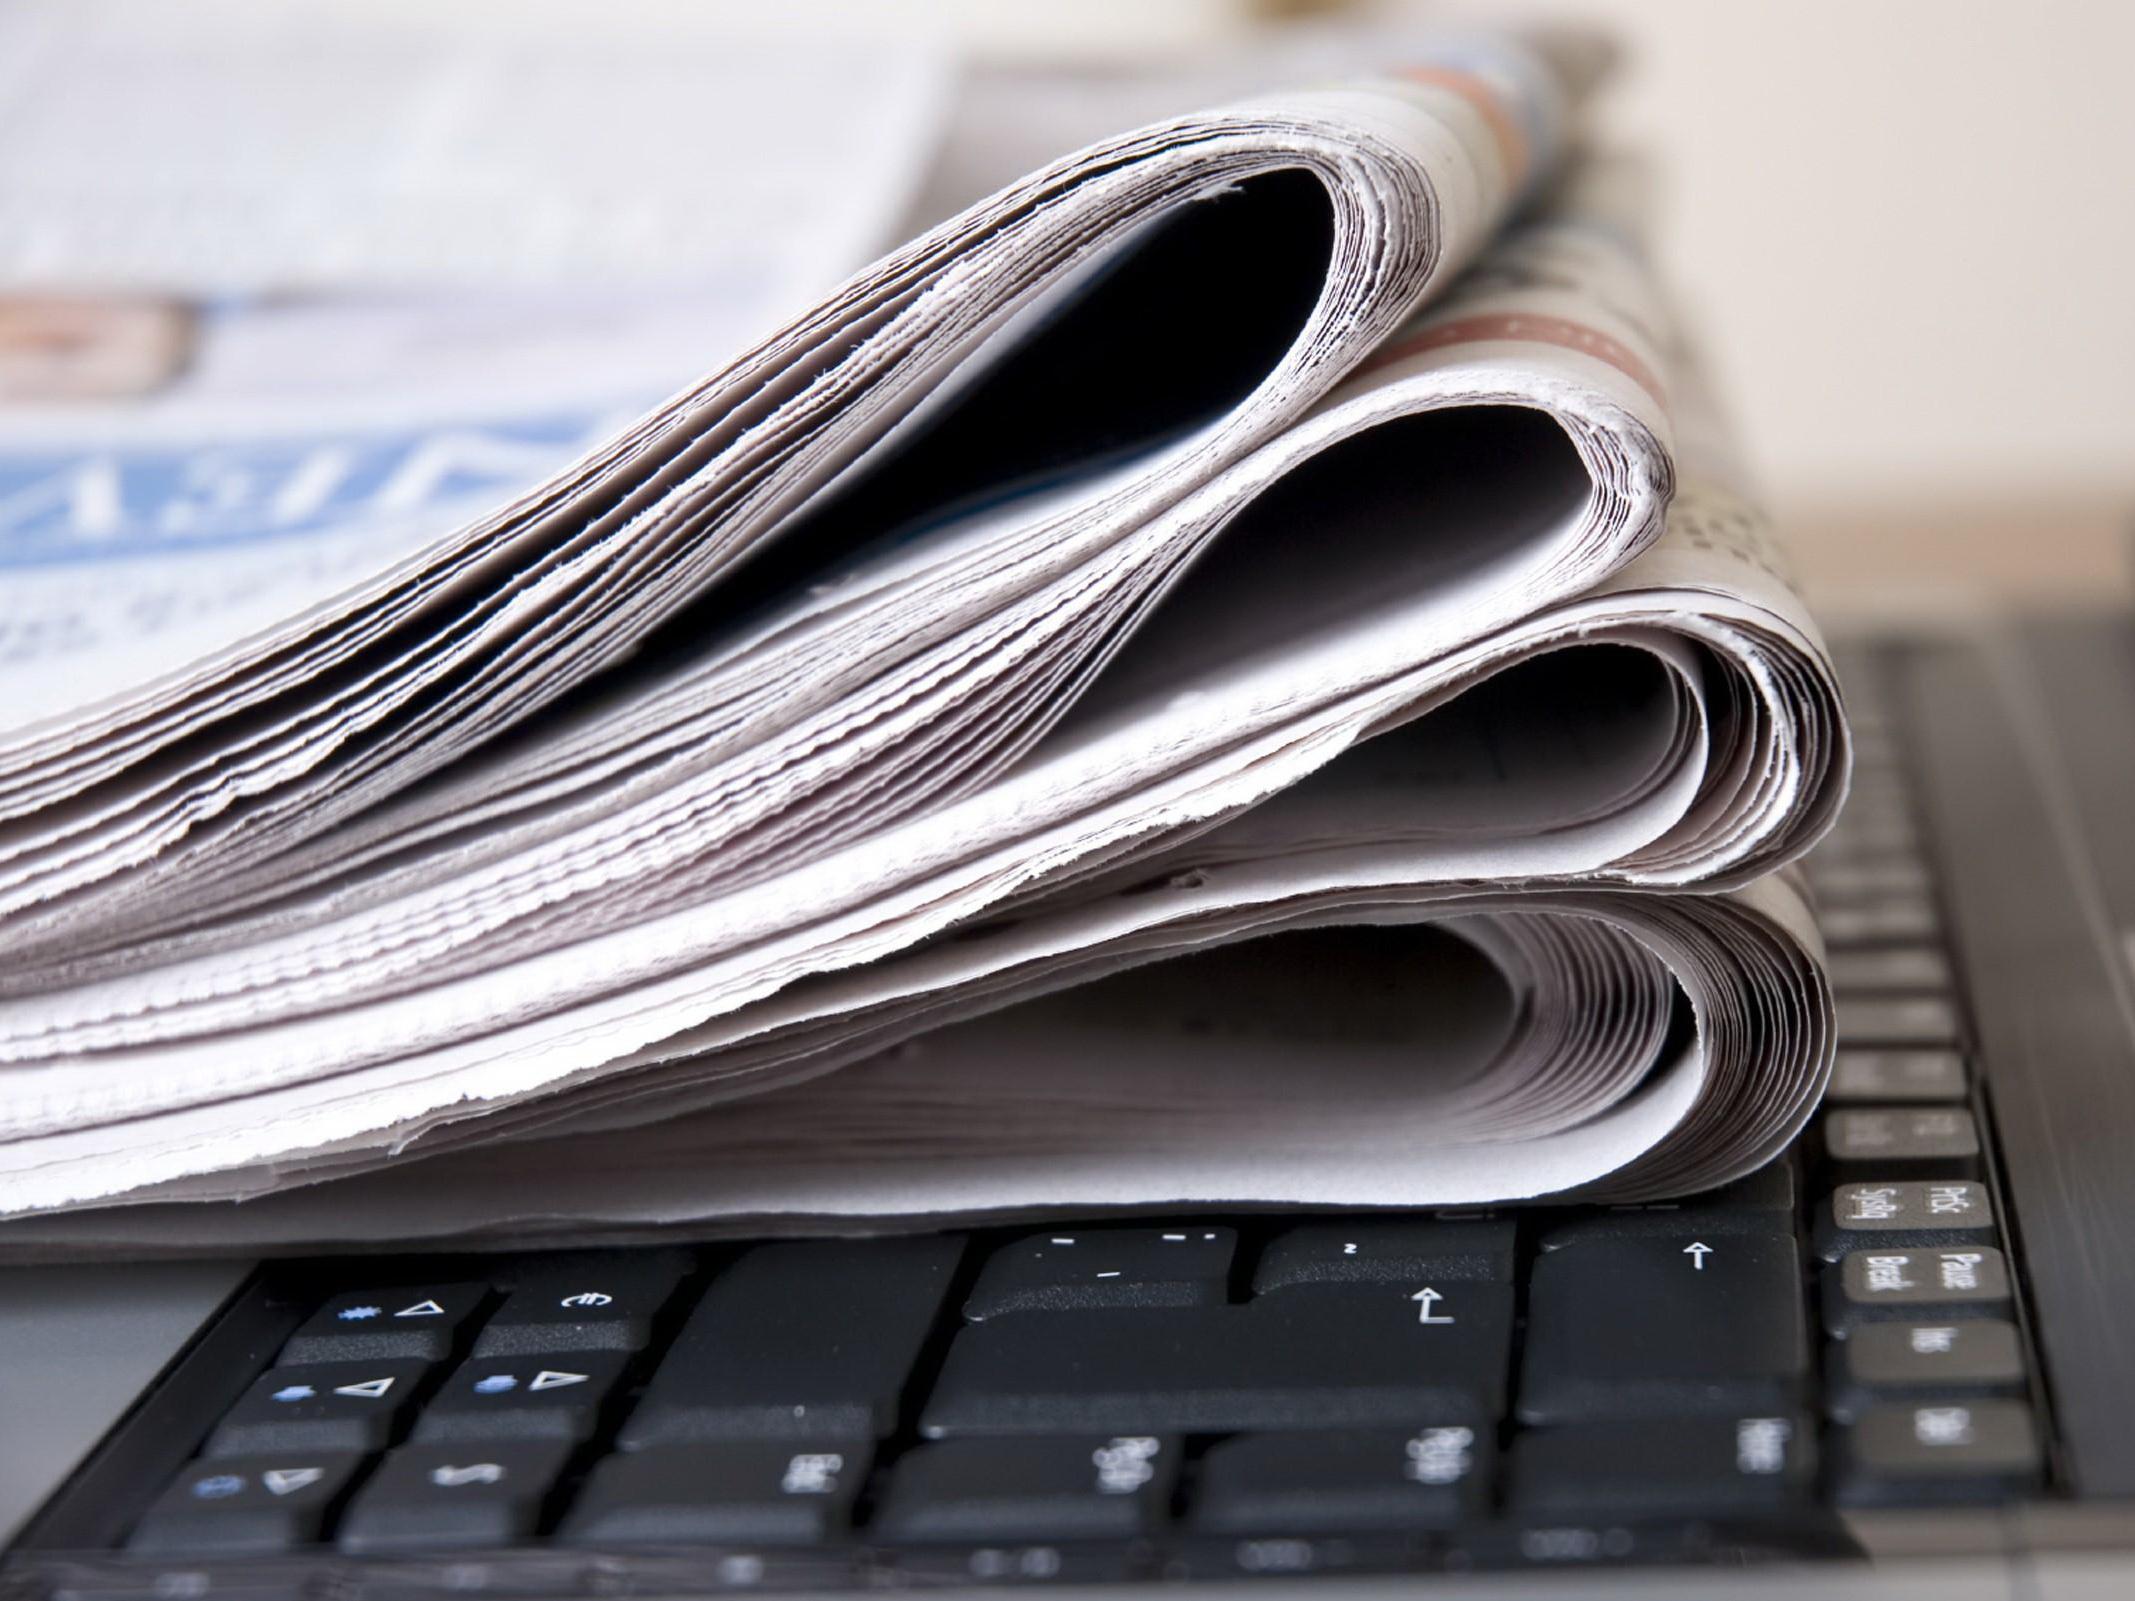 Вниманию ряда российских СМИ: Определитесь с позицией, сколько можно юлить как флюгель?